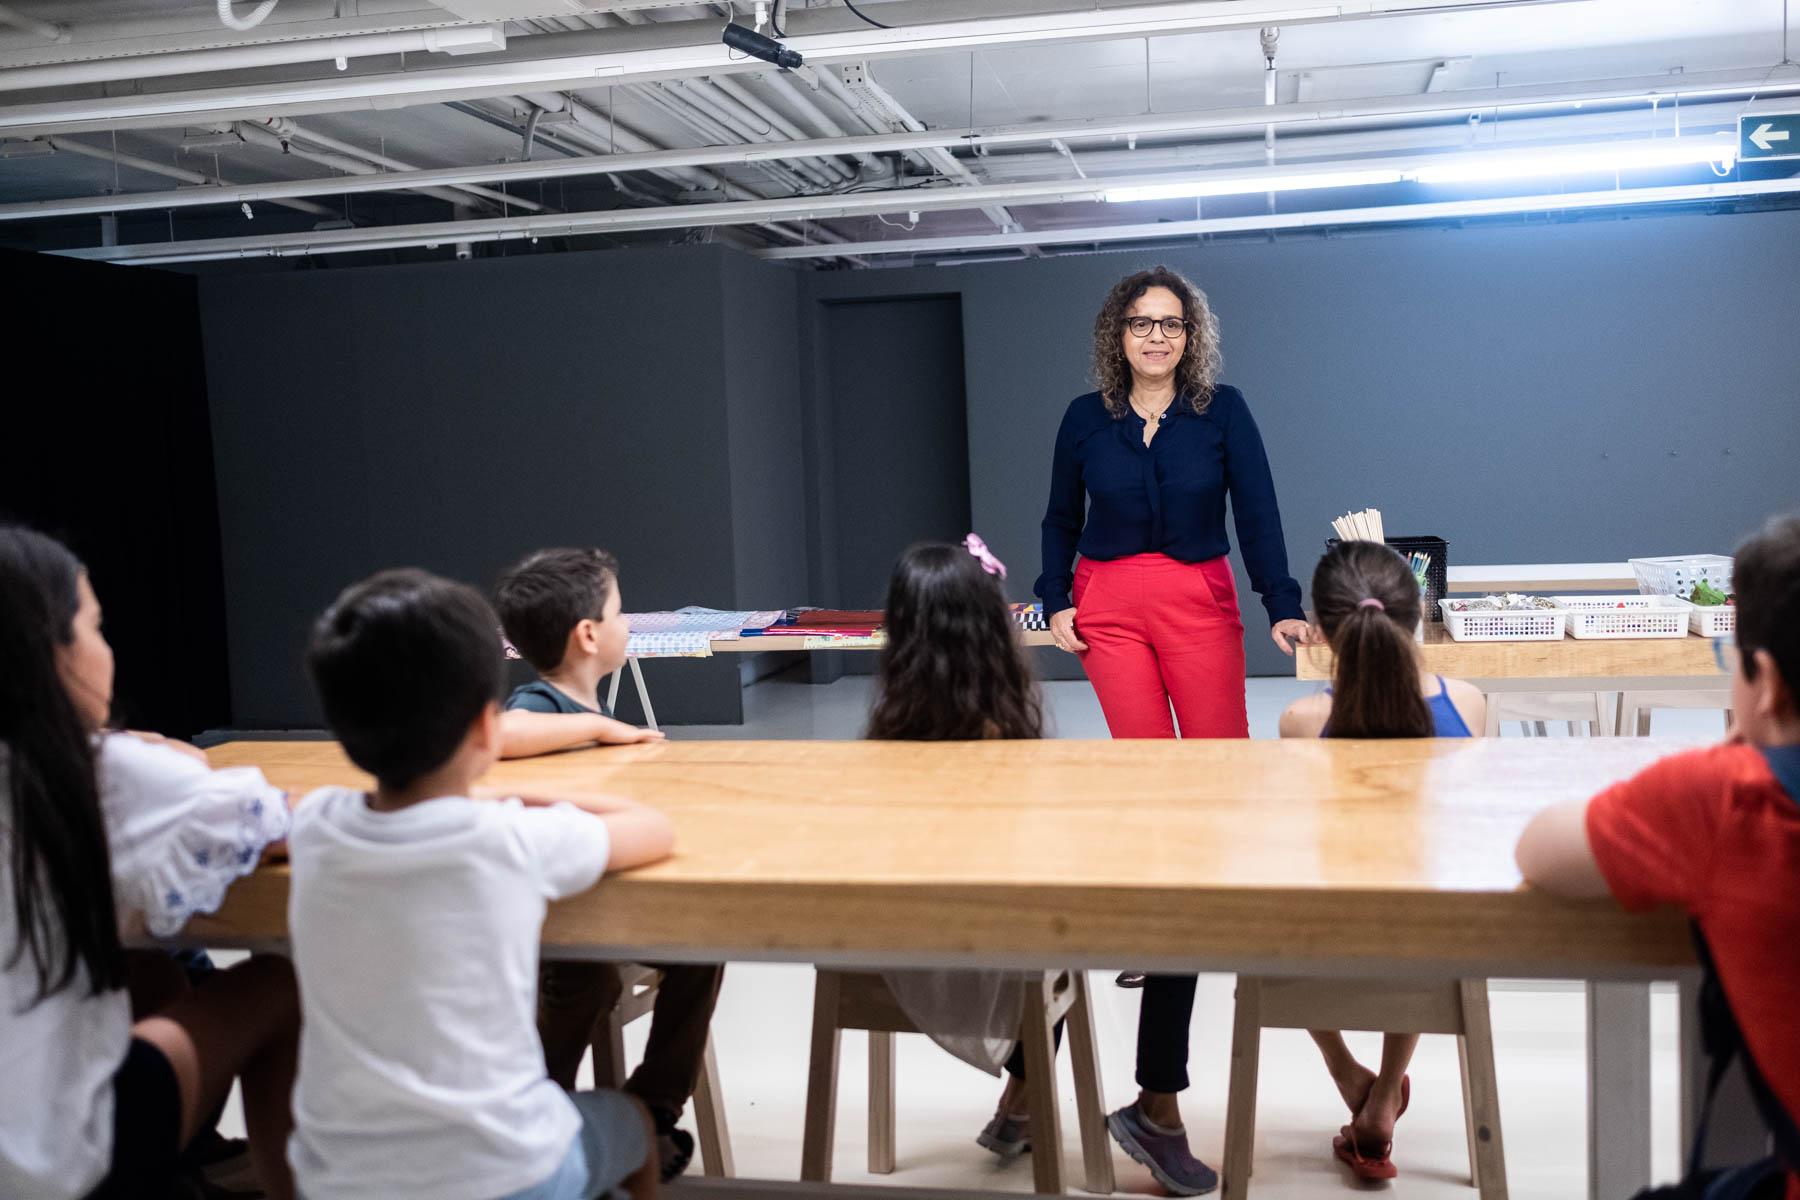 Crianças sentadas em bancos ao redor de uma bancada de madeira ouvem atentas as instruções da artista plástica Beatriz Milhazes